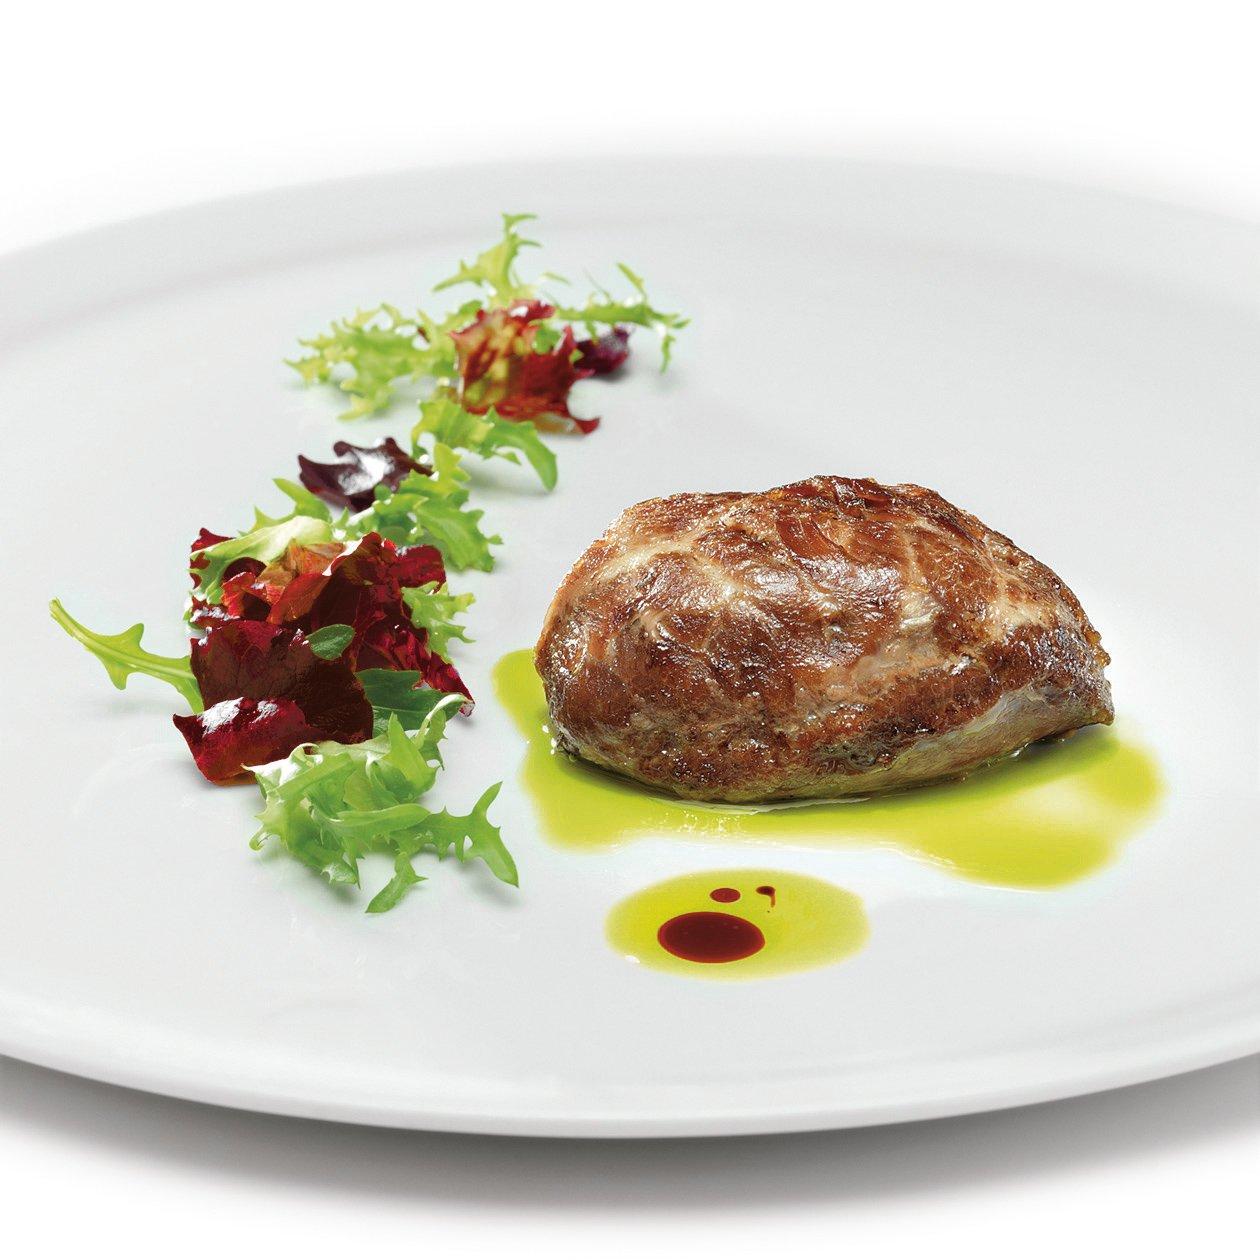 CASCAJARES - Carrilleras de Cerdo confitadas en aceite de oliva, perfectas para 2 personas y no contienen gluten.: Amazon.es: Alimentación y bebidas